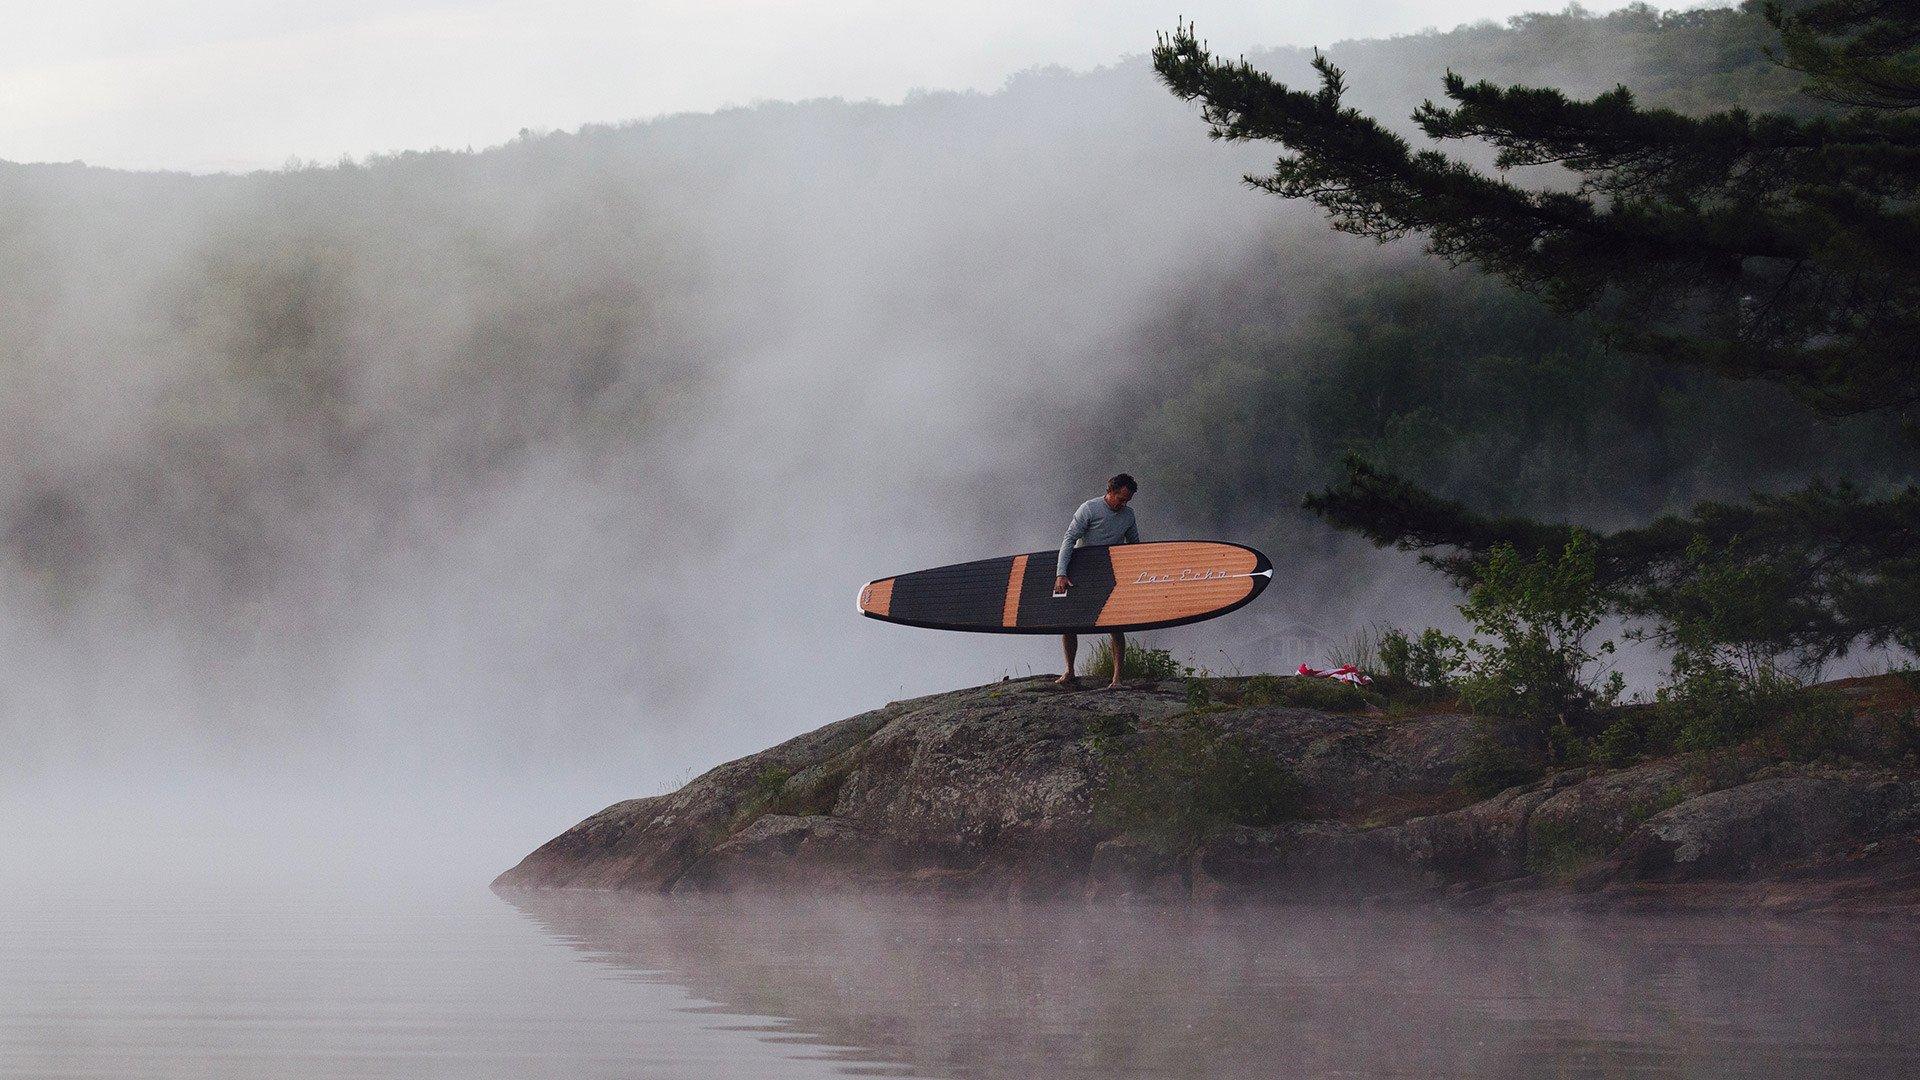 Beau Lake ouvre une nouvelle ère aux loisirs nautiques 7 - MontpelYeah Magazine